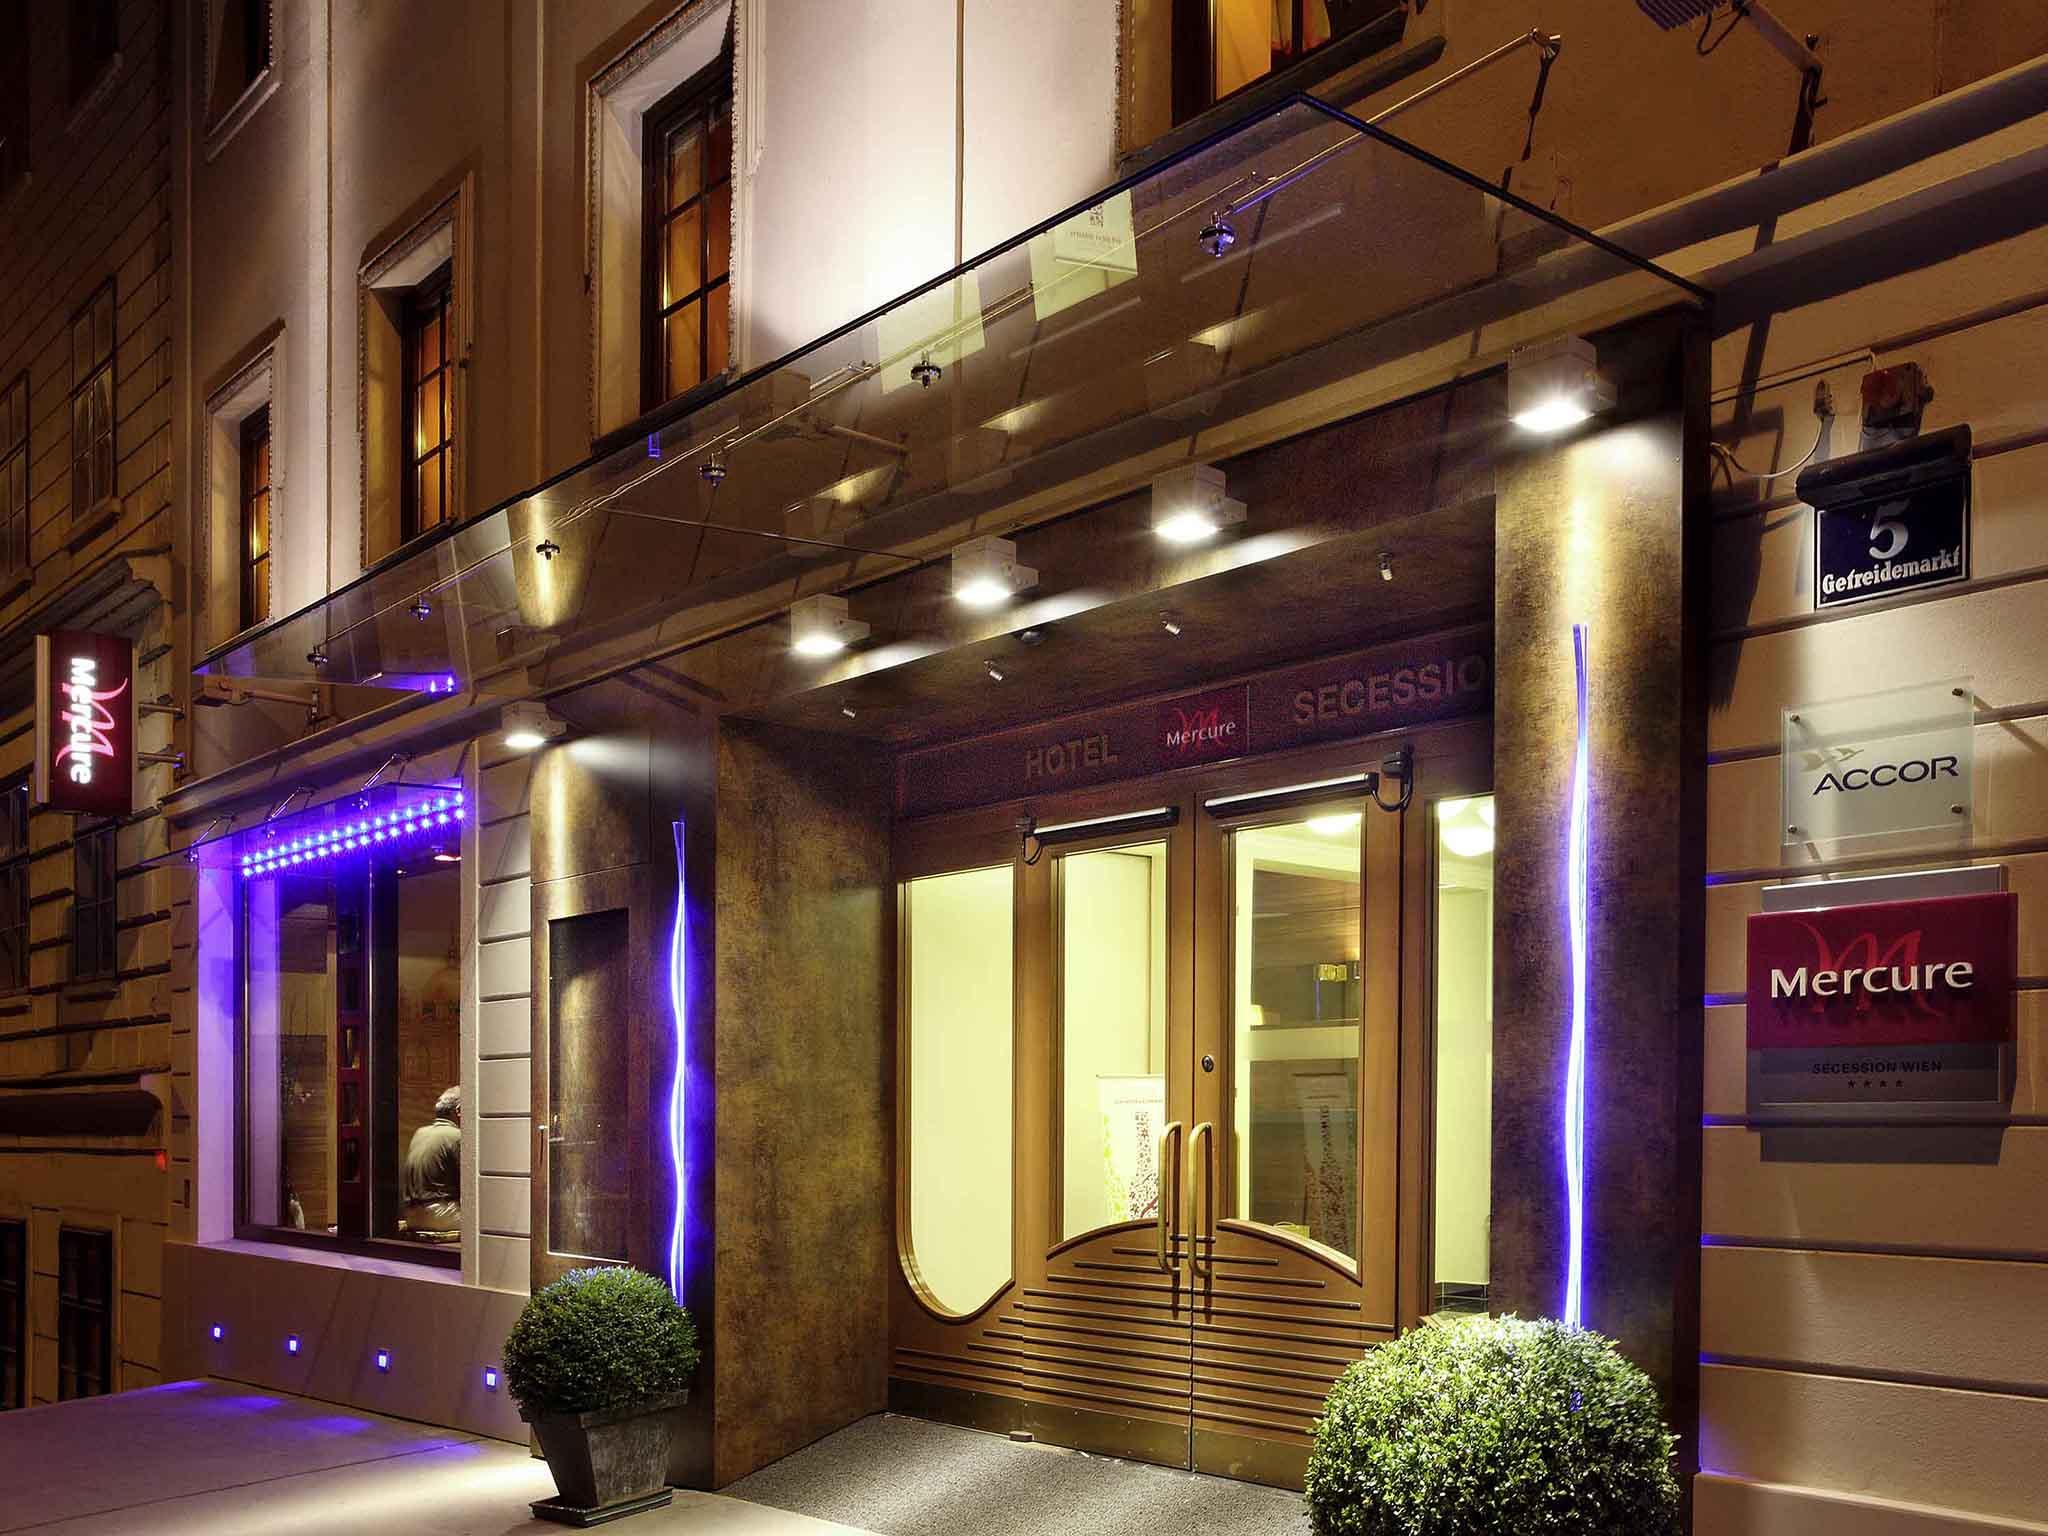 โรงแรม – Hotel Mercure Secession Wien